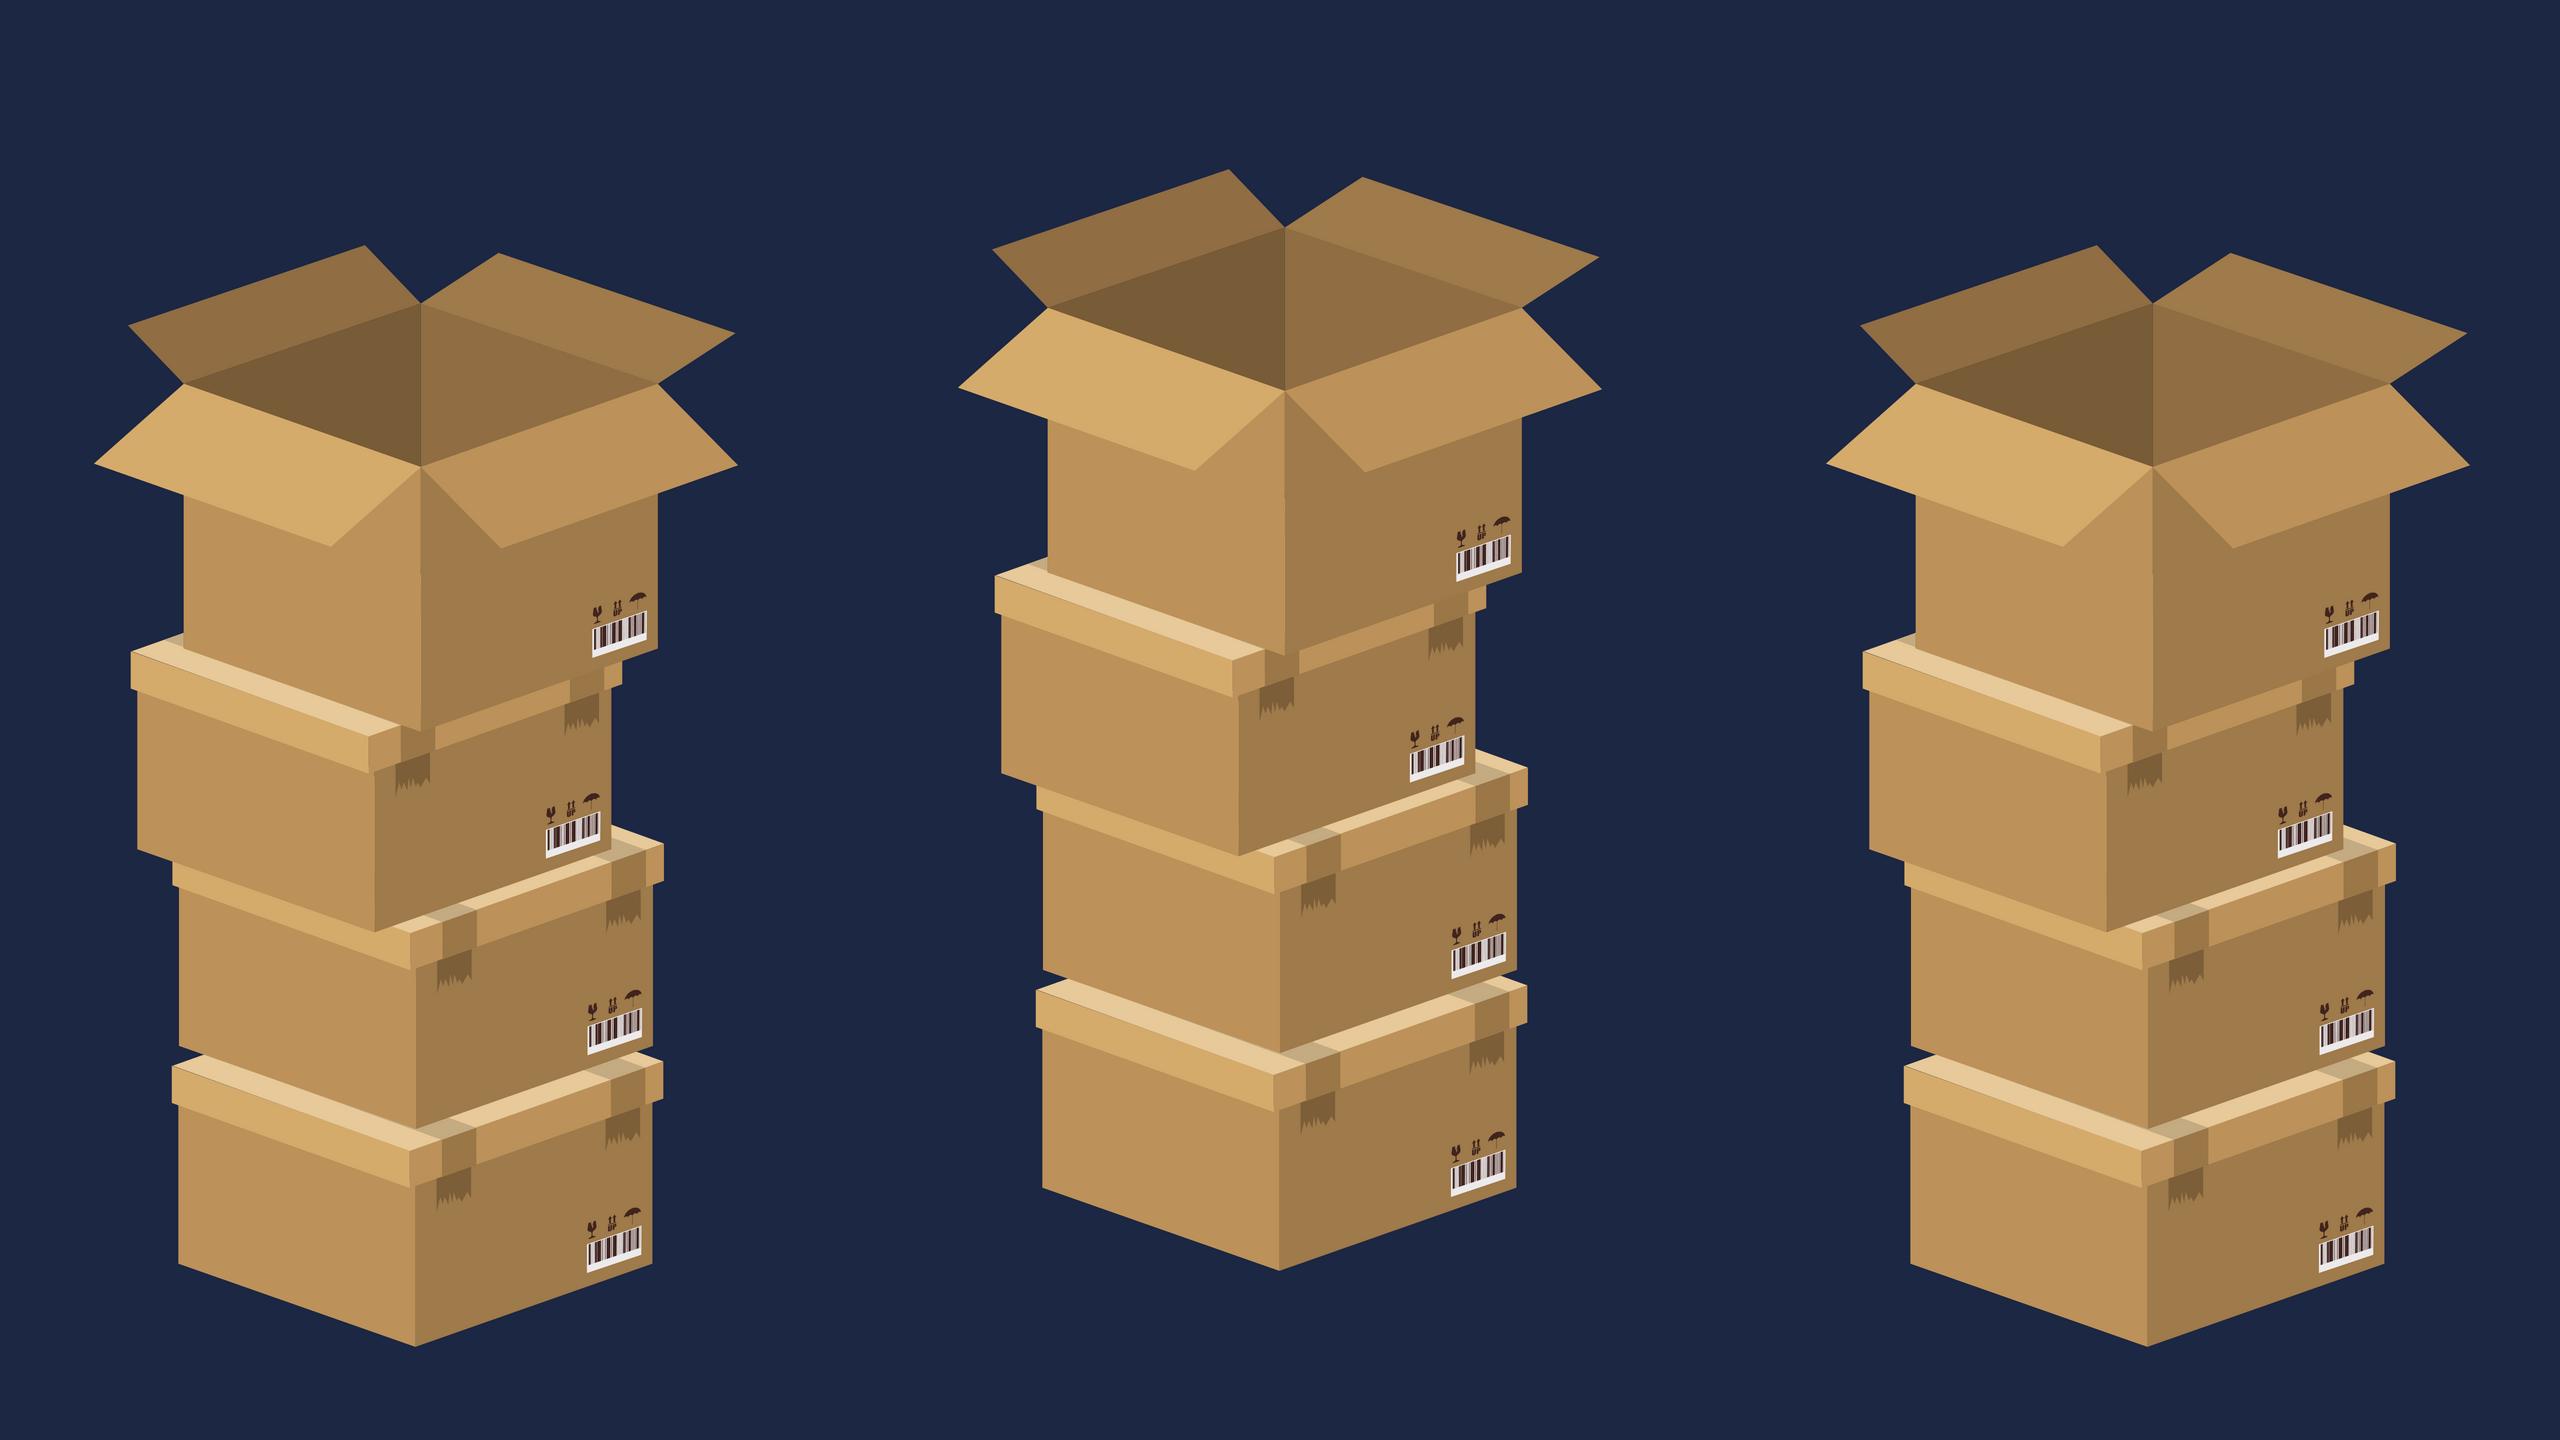 como fazer controle de estoque - pilhas de caixas vazias